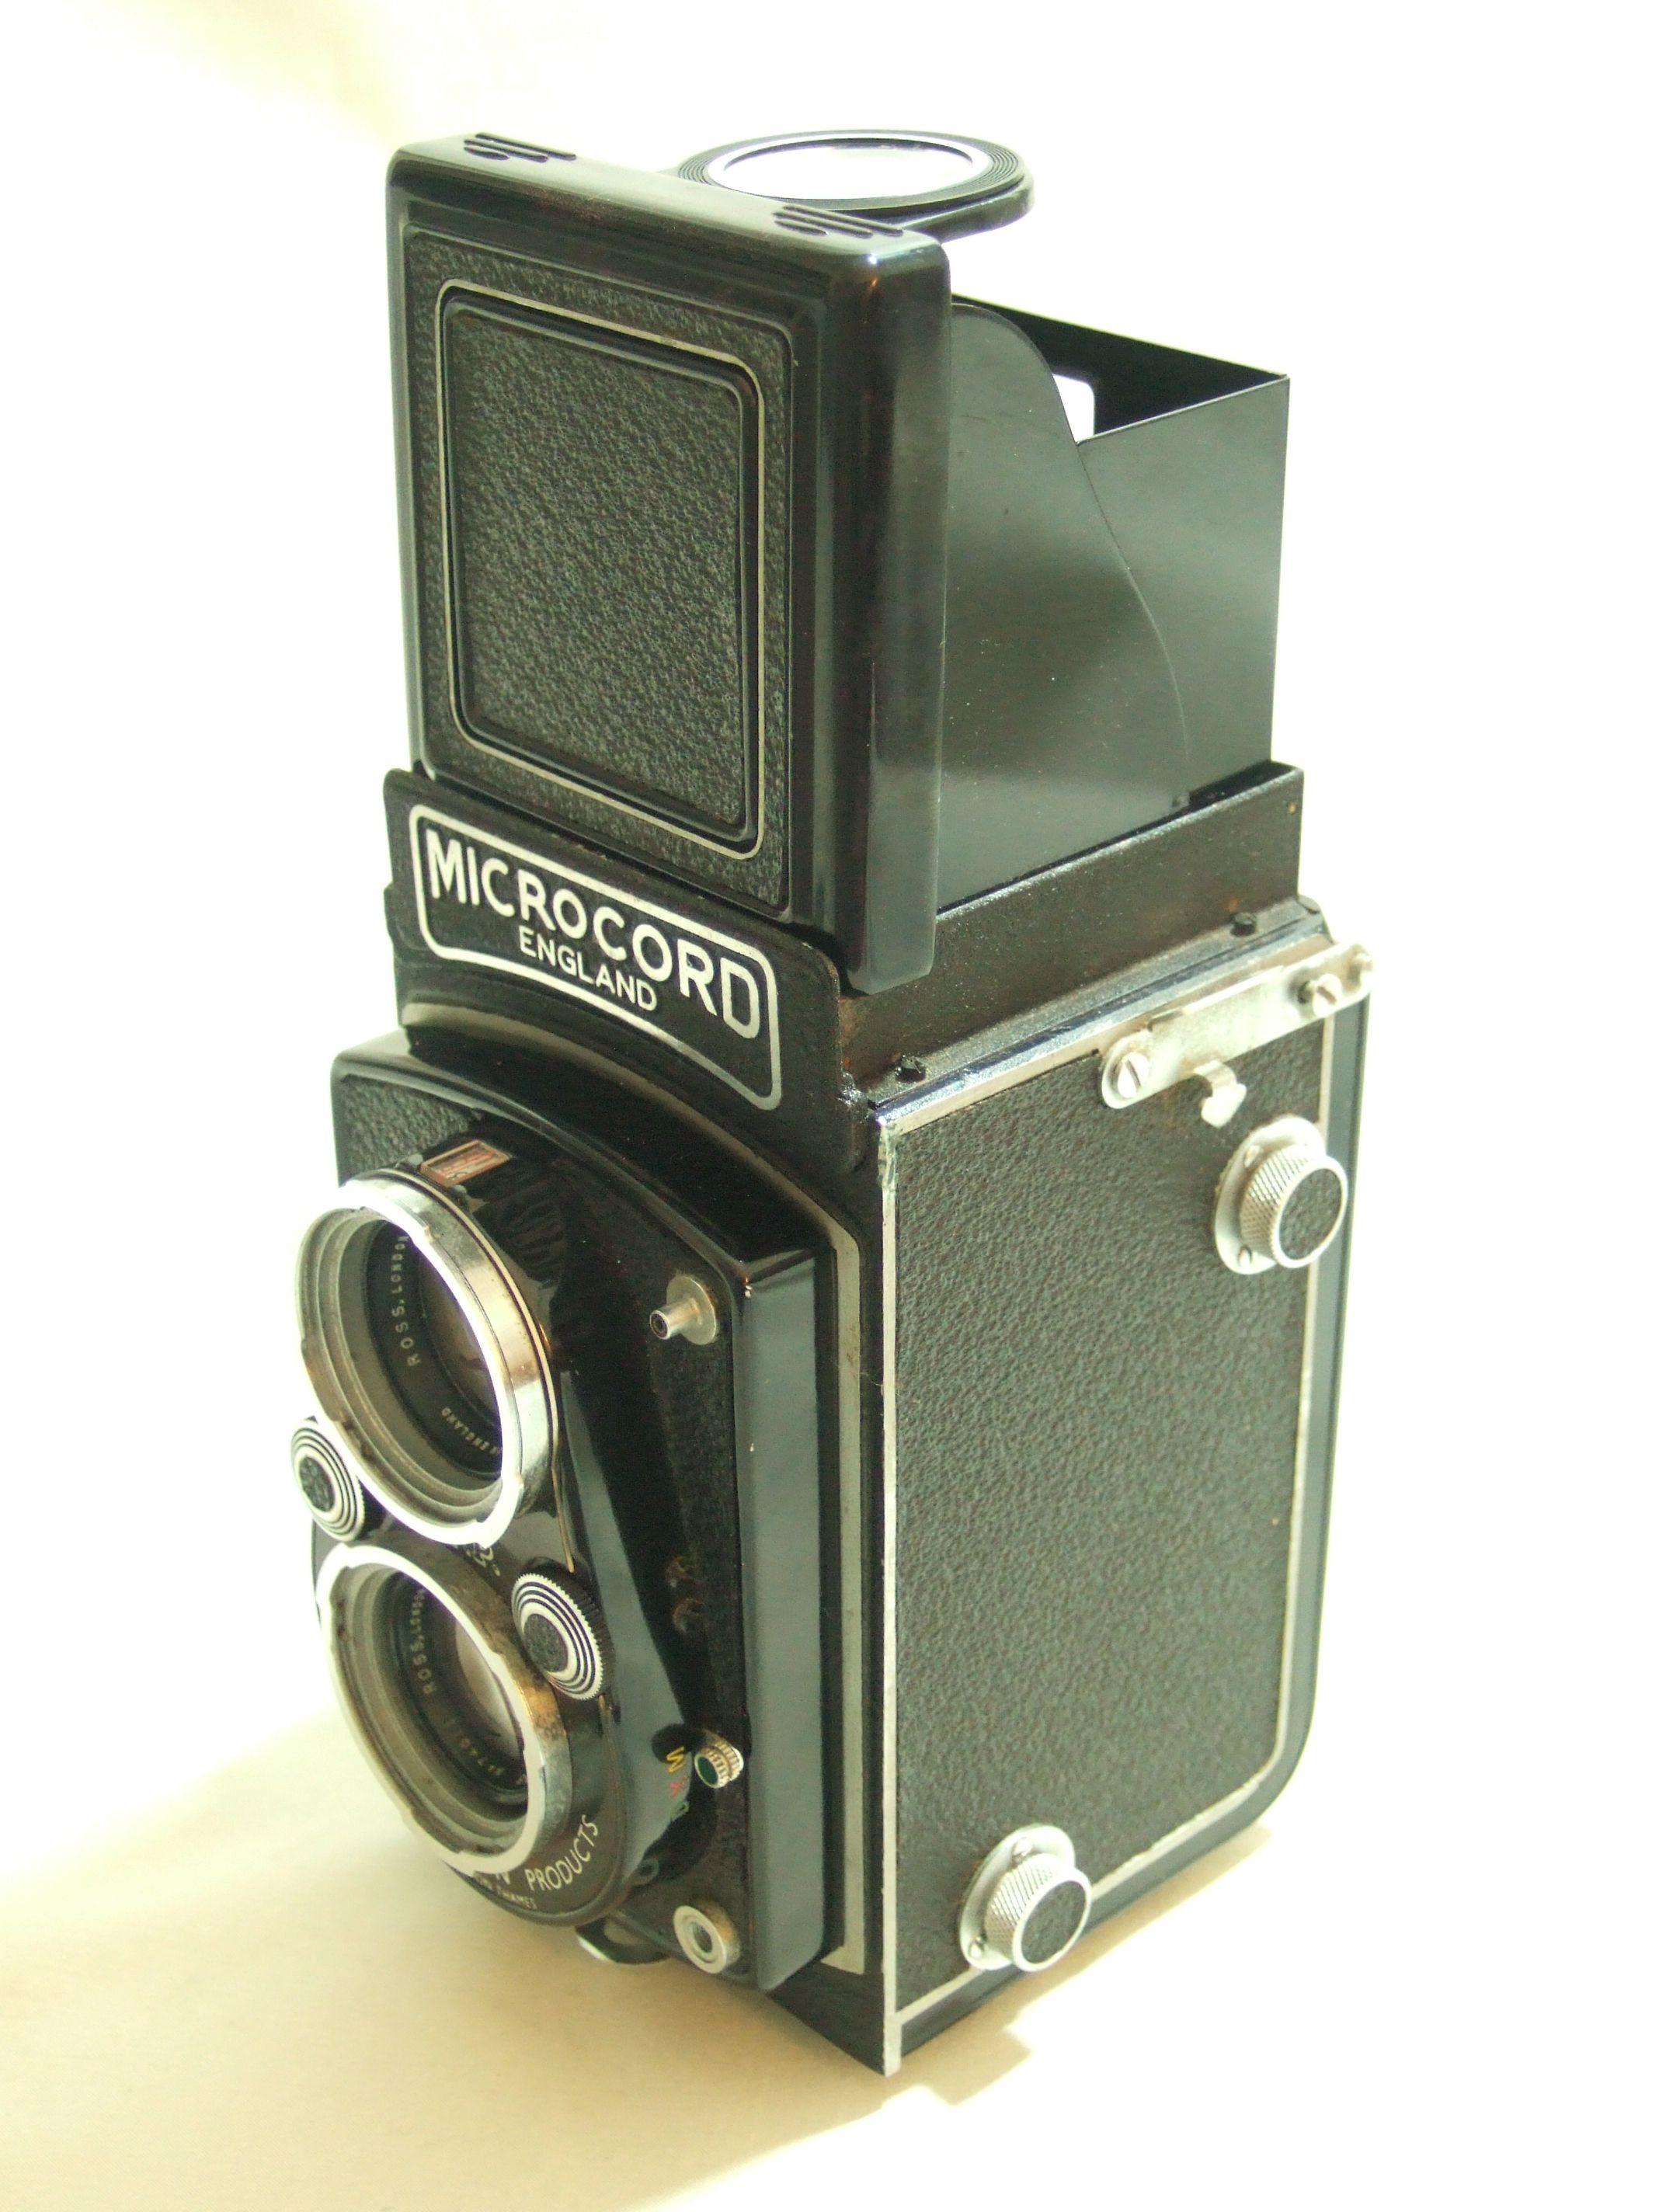 MPP Microcord TLR Camera, Xpres 77.5mm Lens, Case & Mirror Lens Cap